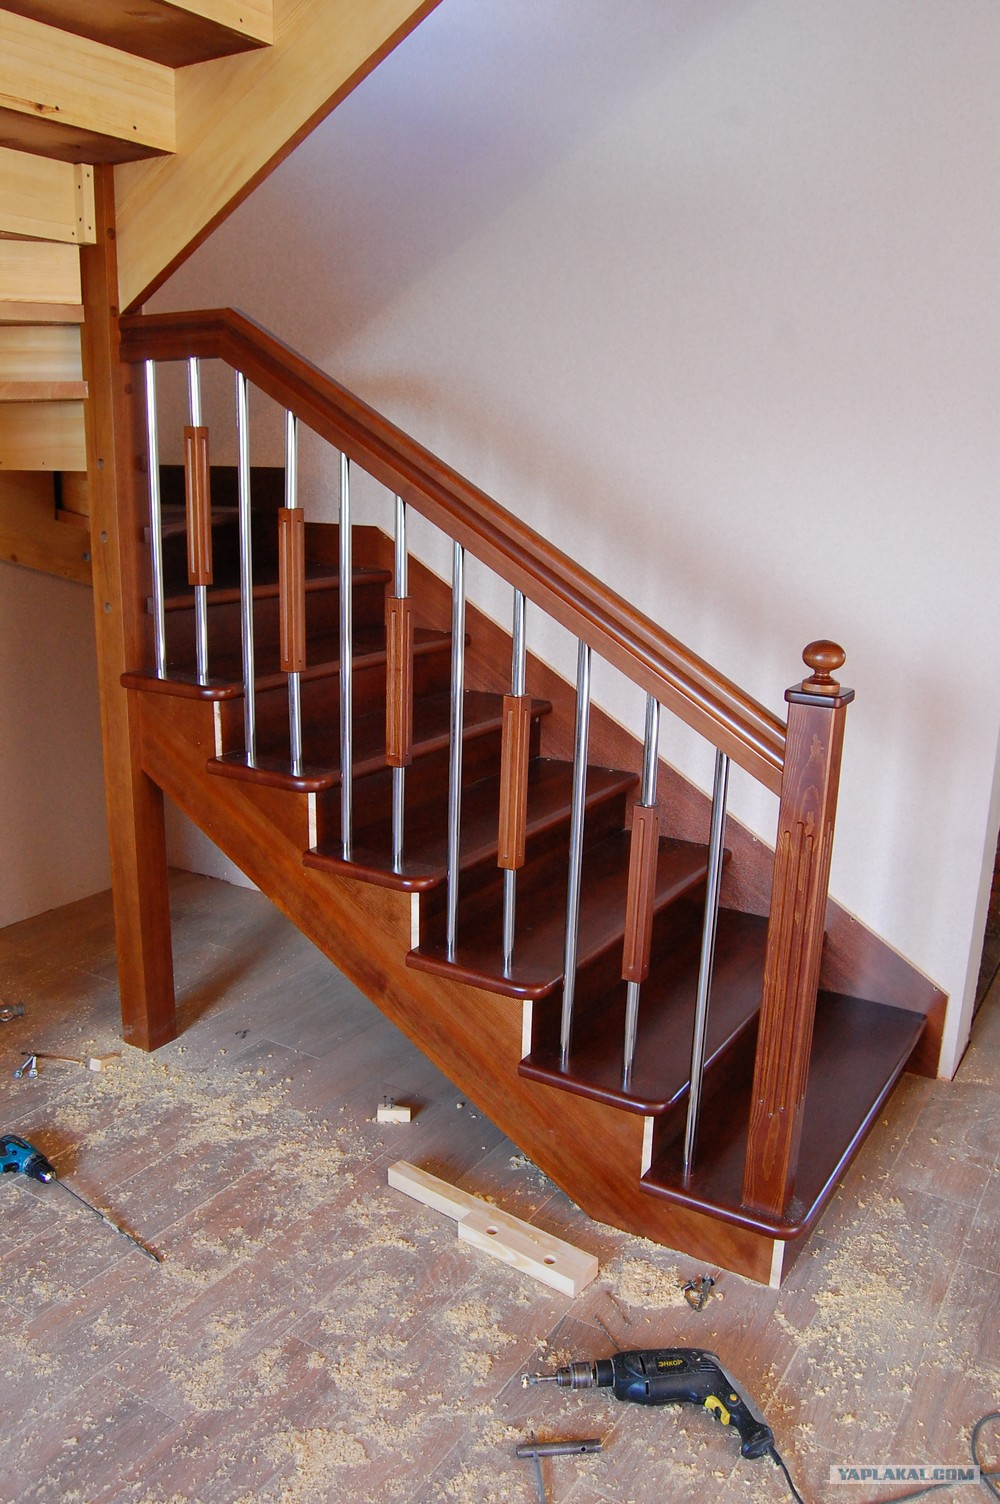 Как сделать железную лестницу на второй этаж своими руками из дерева видио